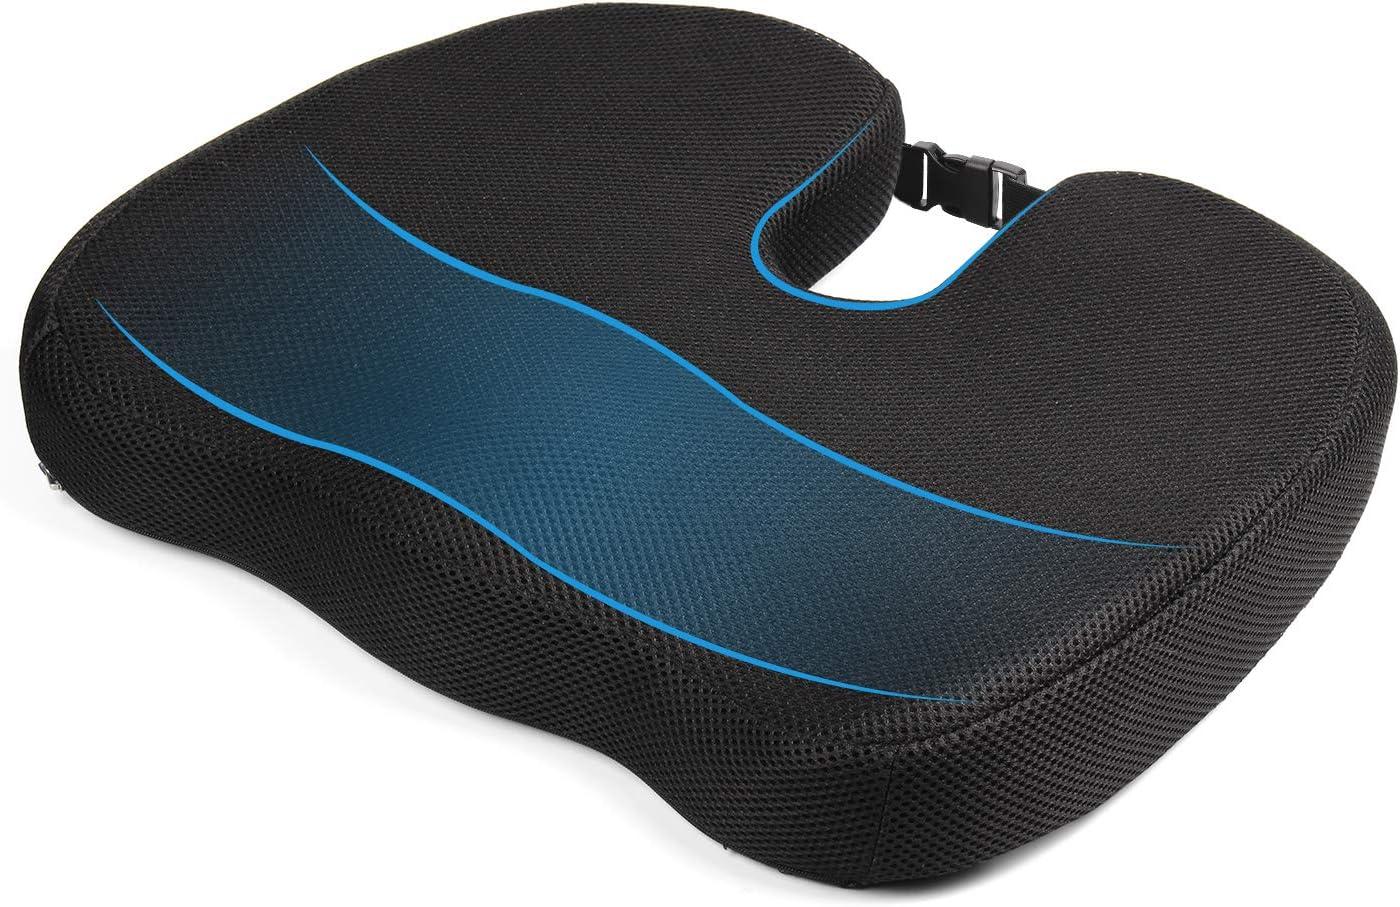 MonTrüe Back Cushion 404558 - Cojin de Espuma con Memoria para Silla ergonomico, ortopedico para Alivio de coxis, Espalda Inferior y ciática, para la Oficina, Silla de Ruedas o Viajes, Neg